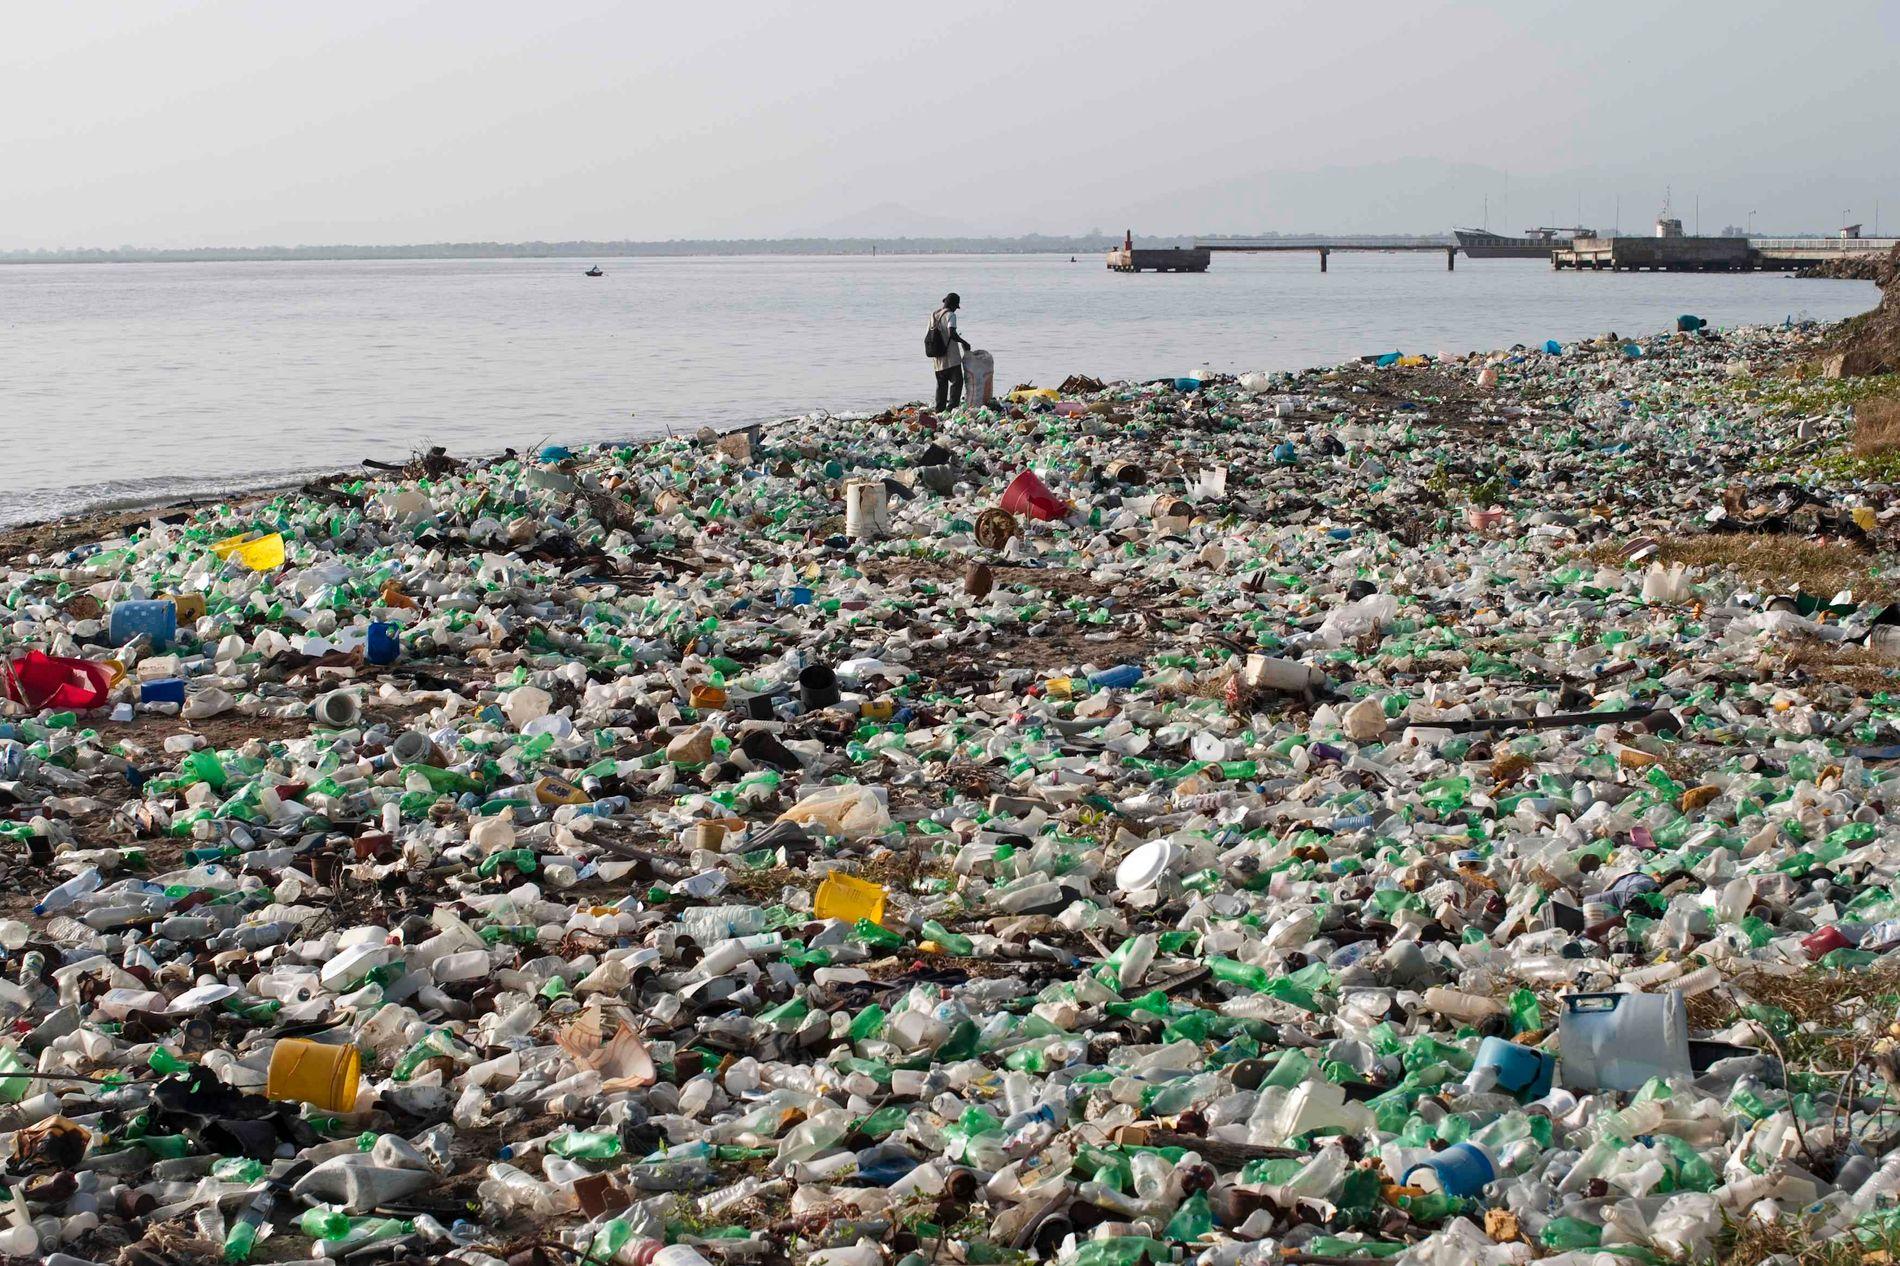 BÆREKRAFTIG: Å bruke resirkulert plast fra den canadiske bedriften The Plastic Bank er en av mange måter bedrifter kan fornye seg på, skriver innsenderne. Selskapet betaler fattige mennesker i Haiti for å samle inn plast som seinere blir resirkulert og solgt videre til bedrifter. Bildet er fra Cap Haitien.